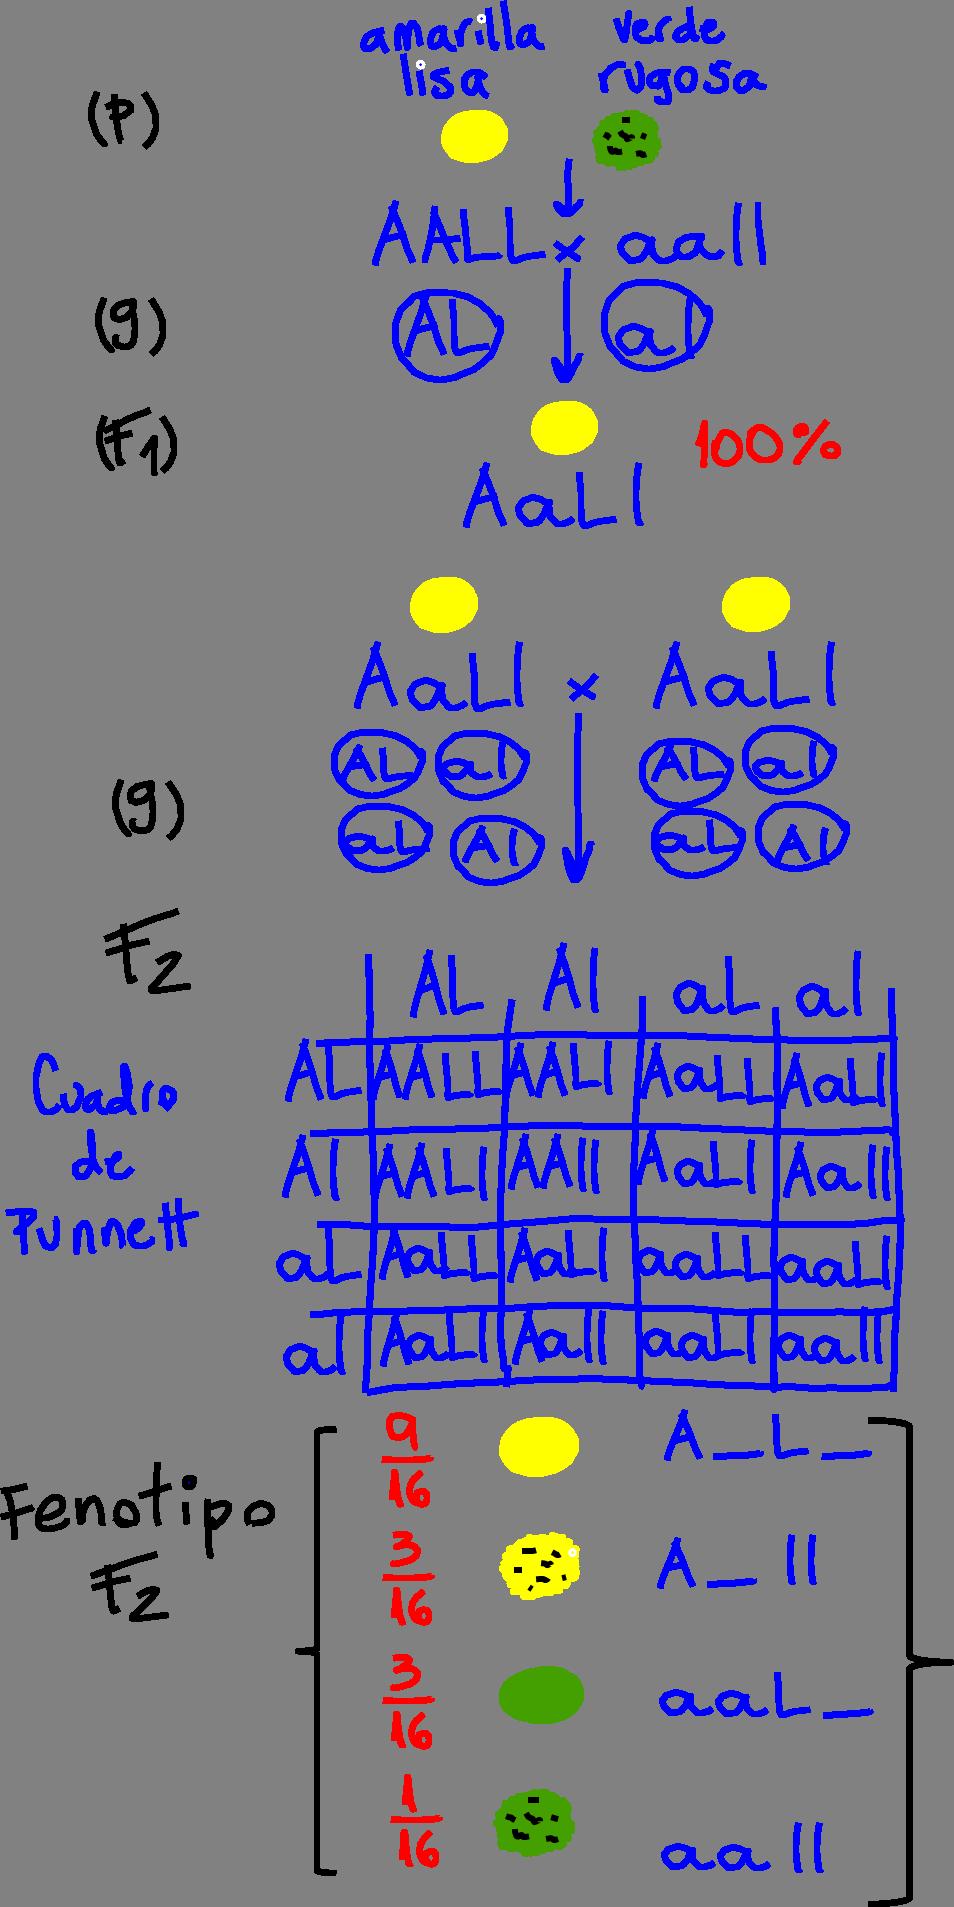 epígrafe: Esquema que representa experimentos de cruza de plantas de guisante (arveja o chícharos) Pisum sativum. Se analizan dos caracteres: color de la semilla (amarilla o verde) y textura (lisa o sugosa). Los parentales (P) son plantas con semillas amarillas lisas (AALL) que se cruzan con plantas de semillas verdes y rugosas (aall). Cada uno, durante la gametogénesis forma sus gametos (G), dando como resultado gametos con los alelos correspondientes. La filial 1 (F1) resultante son todas plantas con semillas amarillas lisas (AaLl, doble heterocigoto). Si se permite la autofecundación de la F1, se obtiene una filial 2 (F2) cuyo fenotipo se detalla en el esquema y se ajusta a una proporción fenotípica 9:3:3:1. Se expresa también en el esquema el genotipo posible de la F2 (el guión significa las dos posibilidades de alelos). Se asume que los alelos dominante son los que codifican para el color amarillo (A) por un lado y liso (L), por el otro.